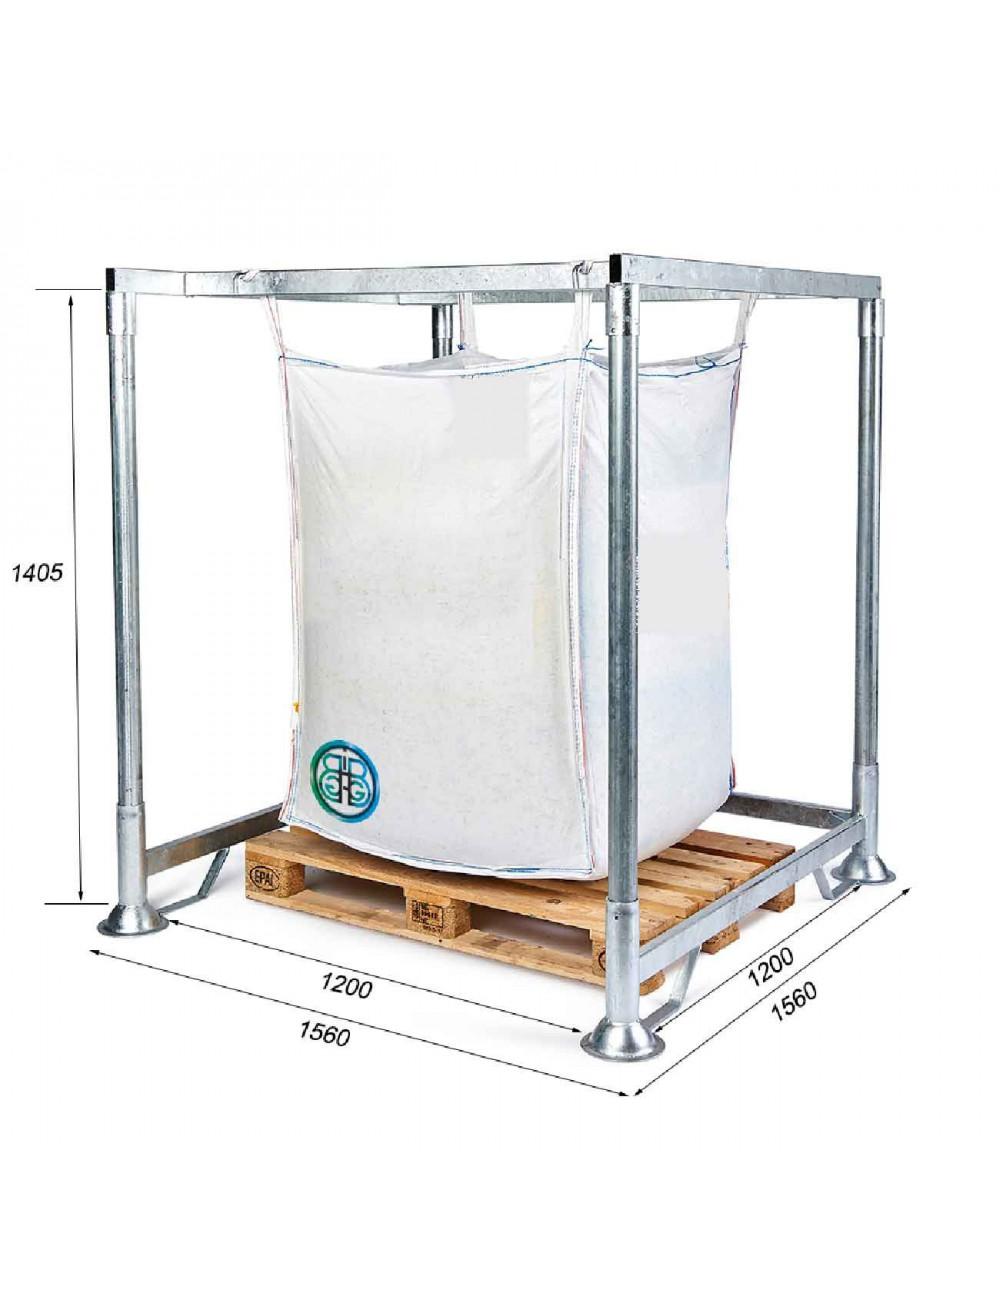 Supporto per Big Bag con ingresso per pallet Altezza 140,5 cm